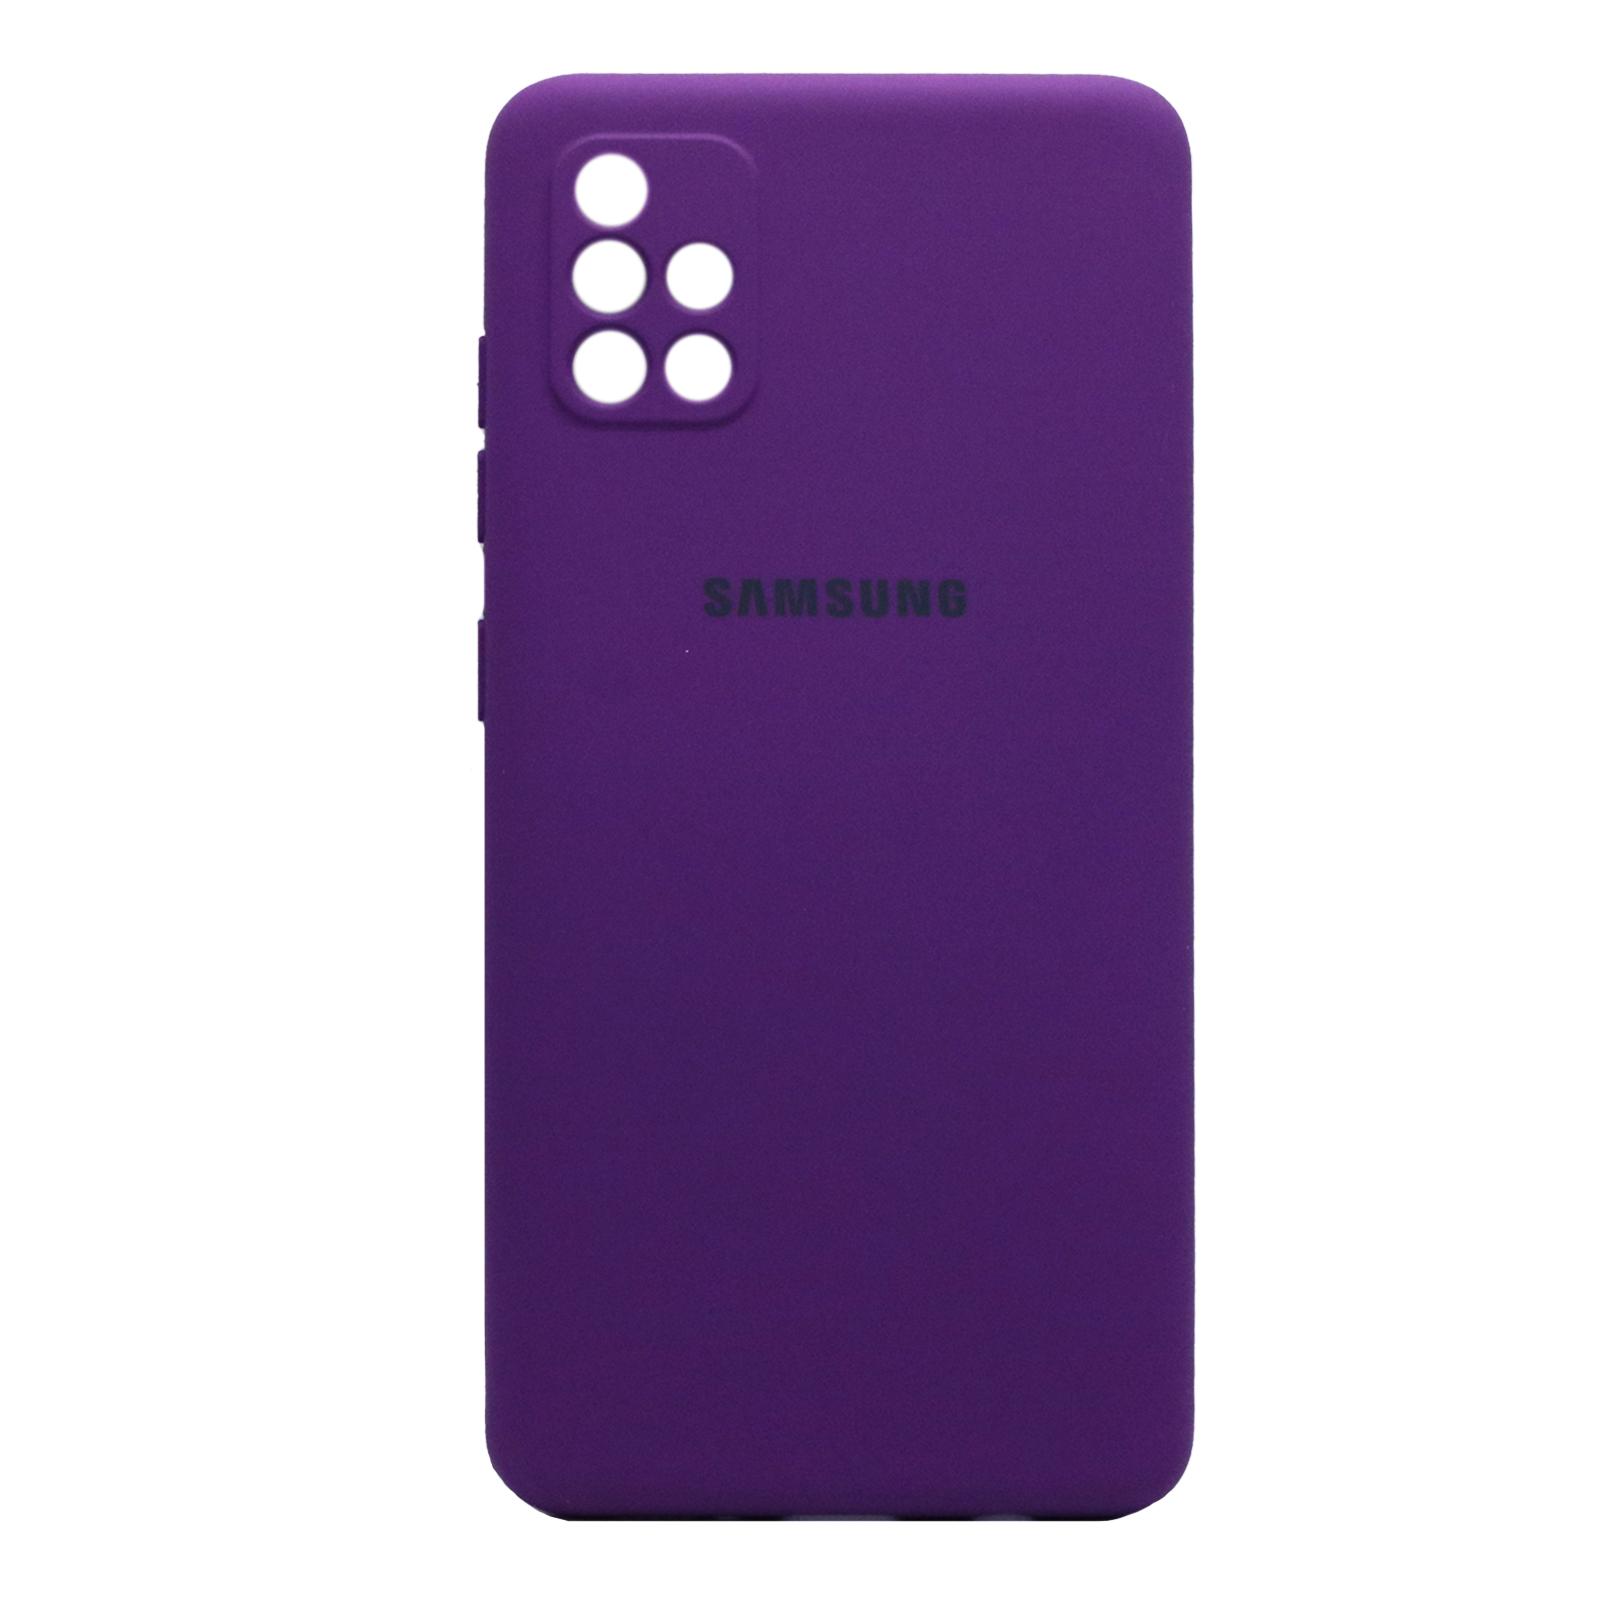 بررسی و {خرید با تخفیف} کاور مدل SLCN مناسب برای گوشی موبایل سامسونگ Galaxy A51 غیر اصلاصل